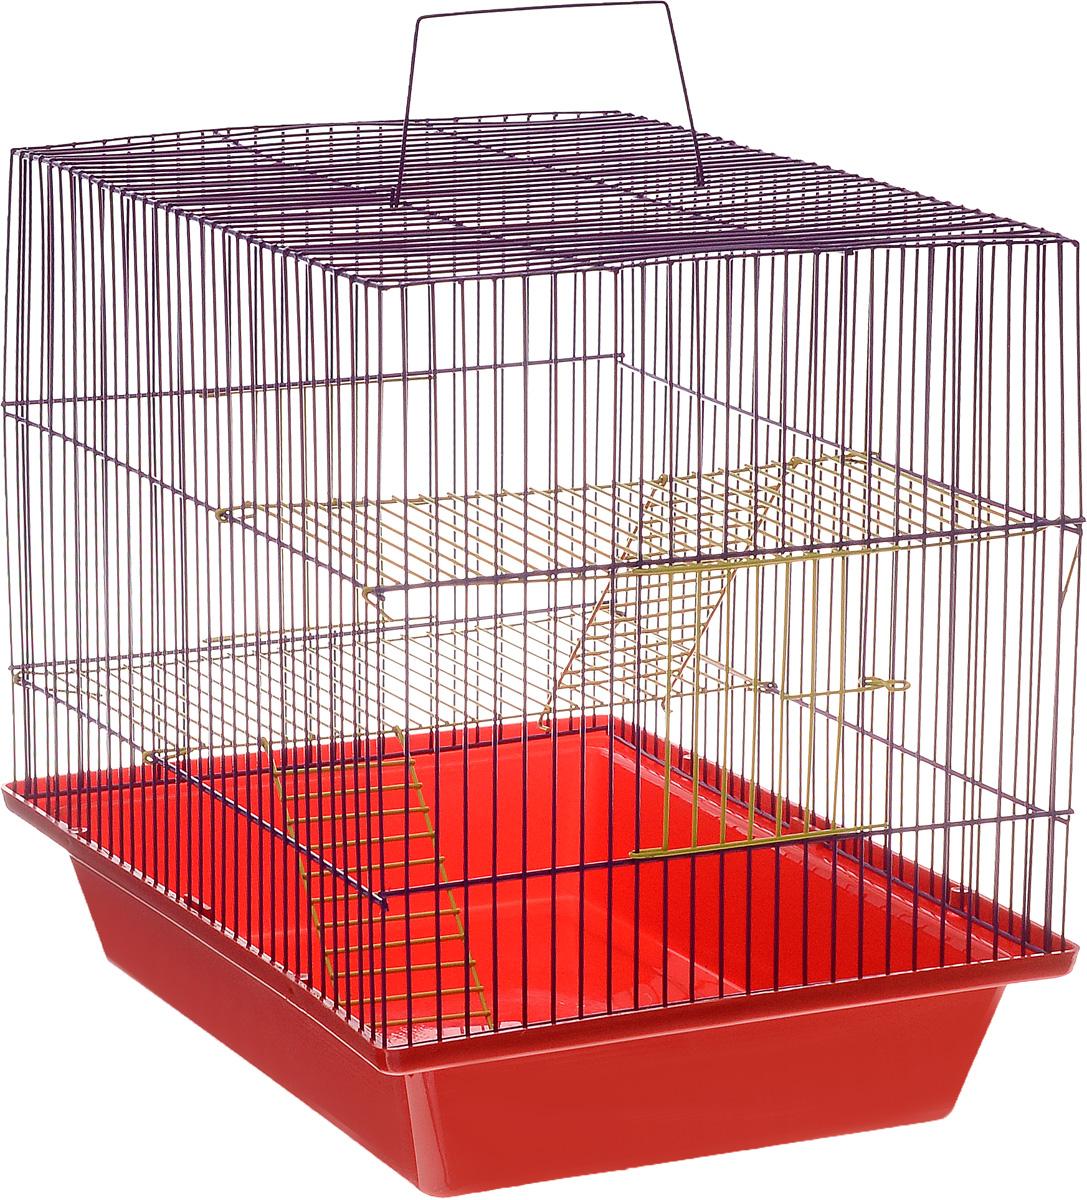 Клетка для грызунов ЗооМарк Гризли, 3-этажная, цвет: красный поддон, фиолетовая решетка, желтые этажи, 41 х 30 х 36 см230жКФКлетка ЗооМарк Гризли, выполненная из полипропилена и металла, подходит для мелких грызунов. Изделие трехэтажное. Клетка имеет яркий поддон, удобна в использовании и легко чистится. Сверху имеется ручка для переноски. Такая клетка станет уединенным личным пространством и уютным домиком для маленького грызуна.